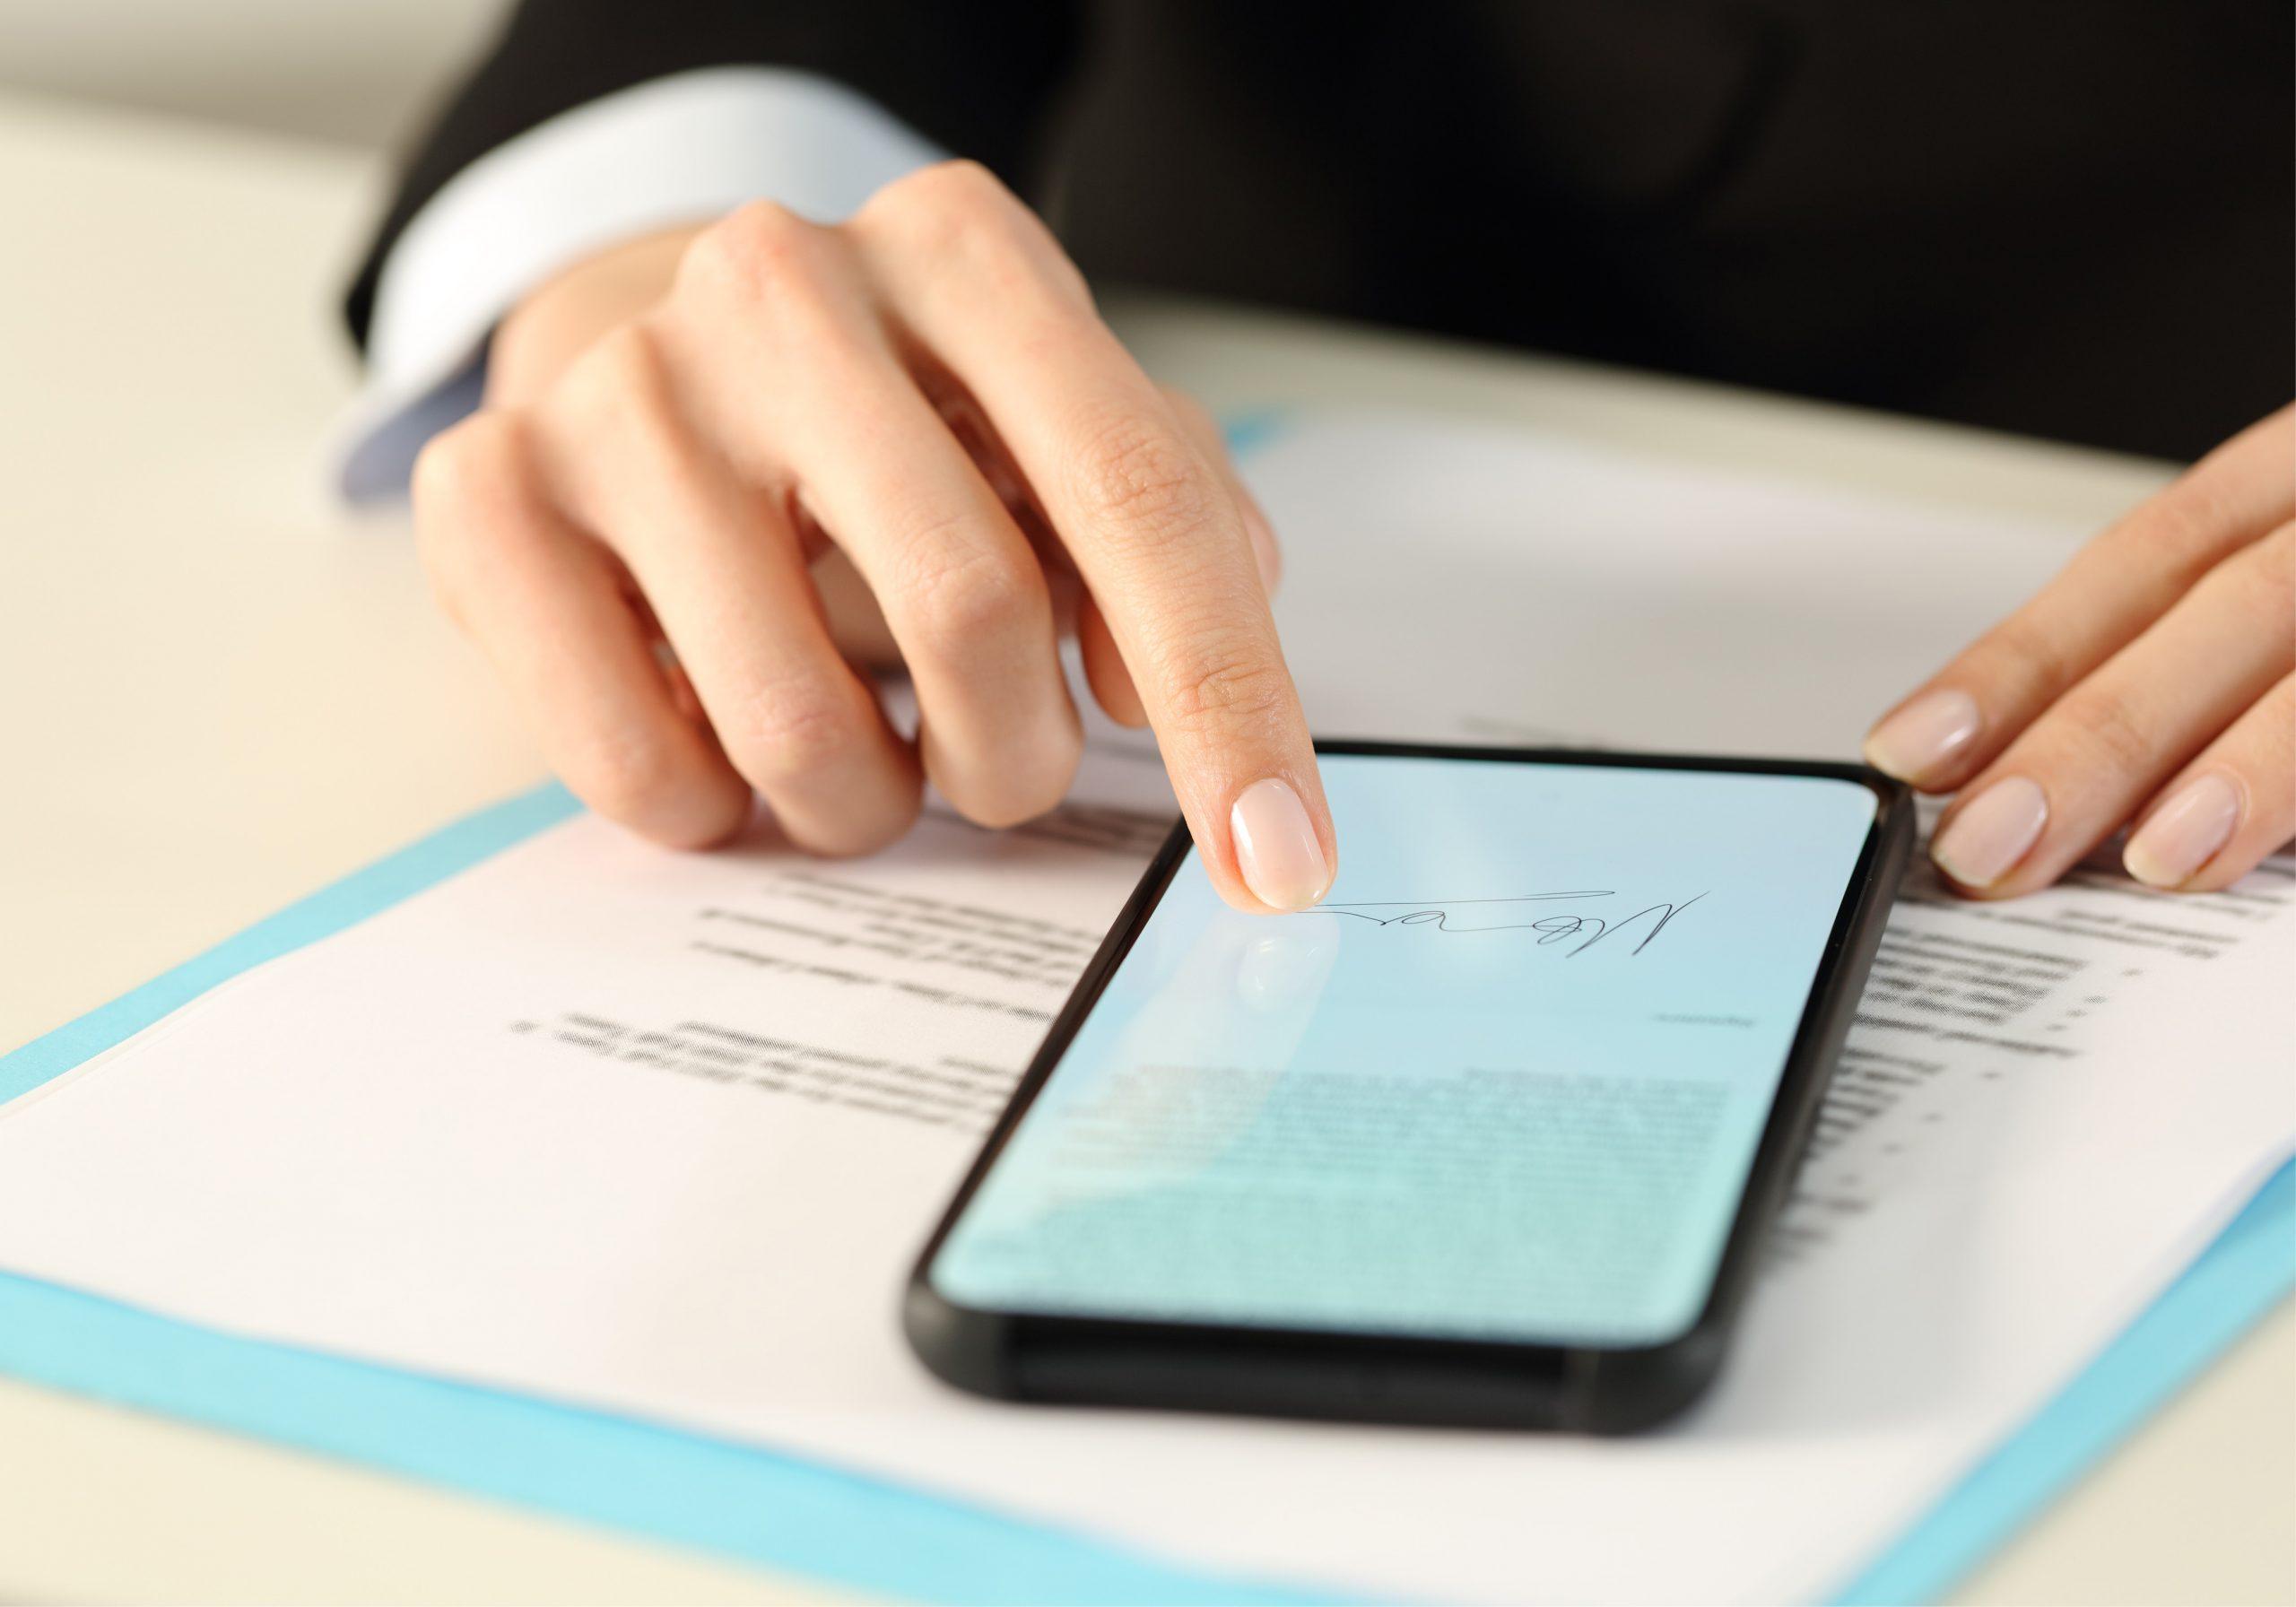 Certificados digitais A1: entenda as vantagens de optar por esse tipo de certificação